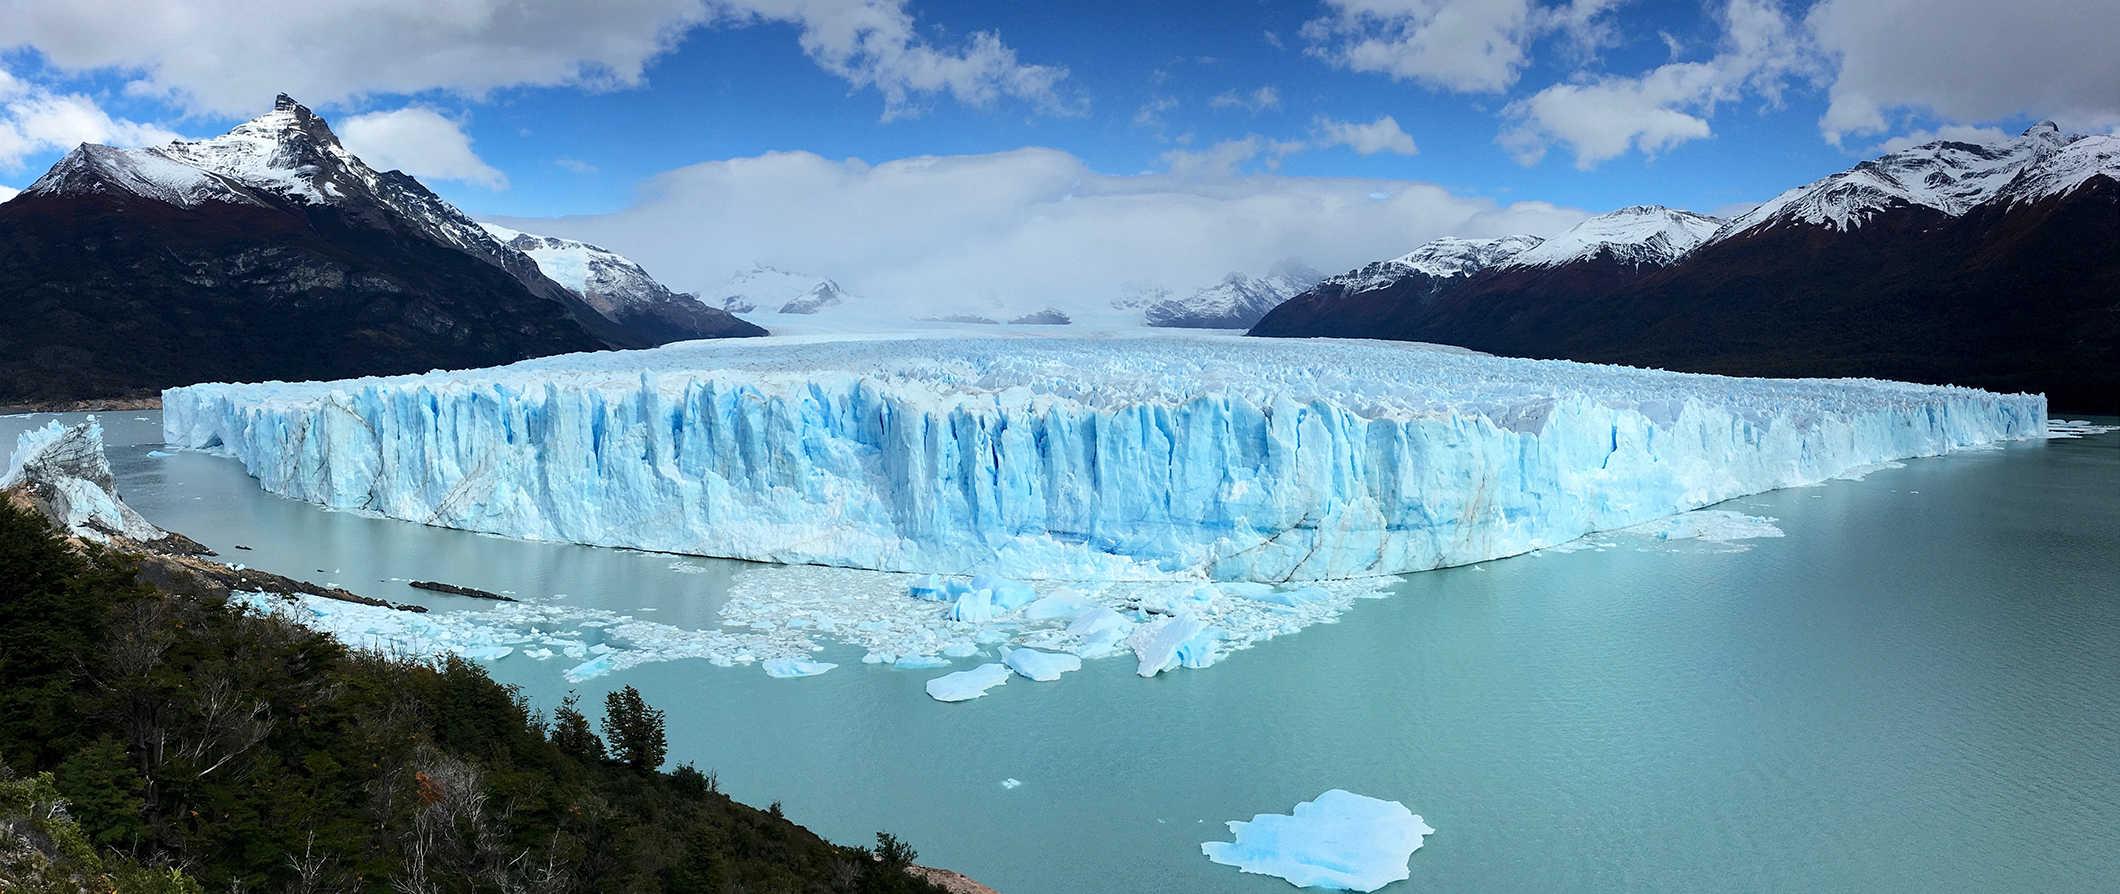 Manieren om geld te besparen in Argentinië